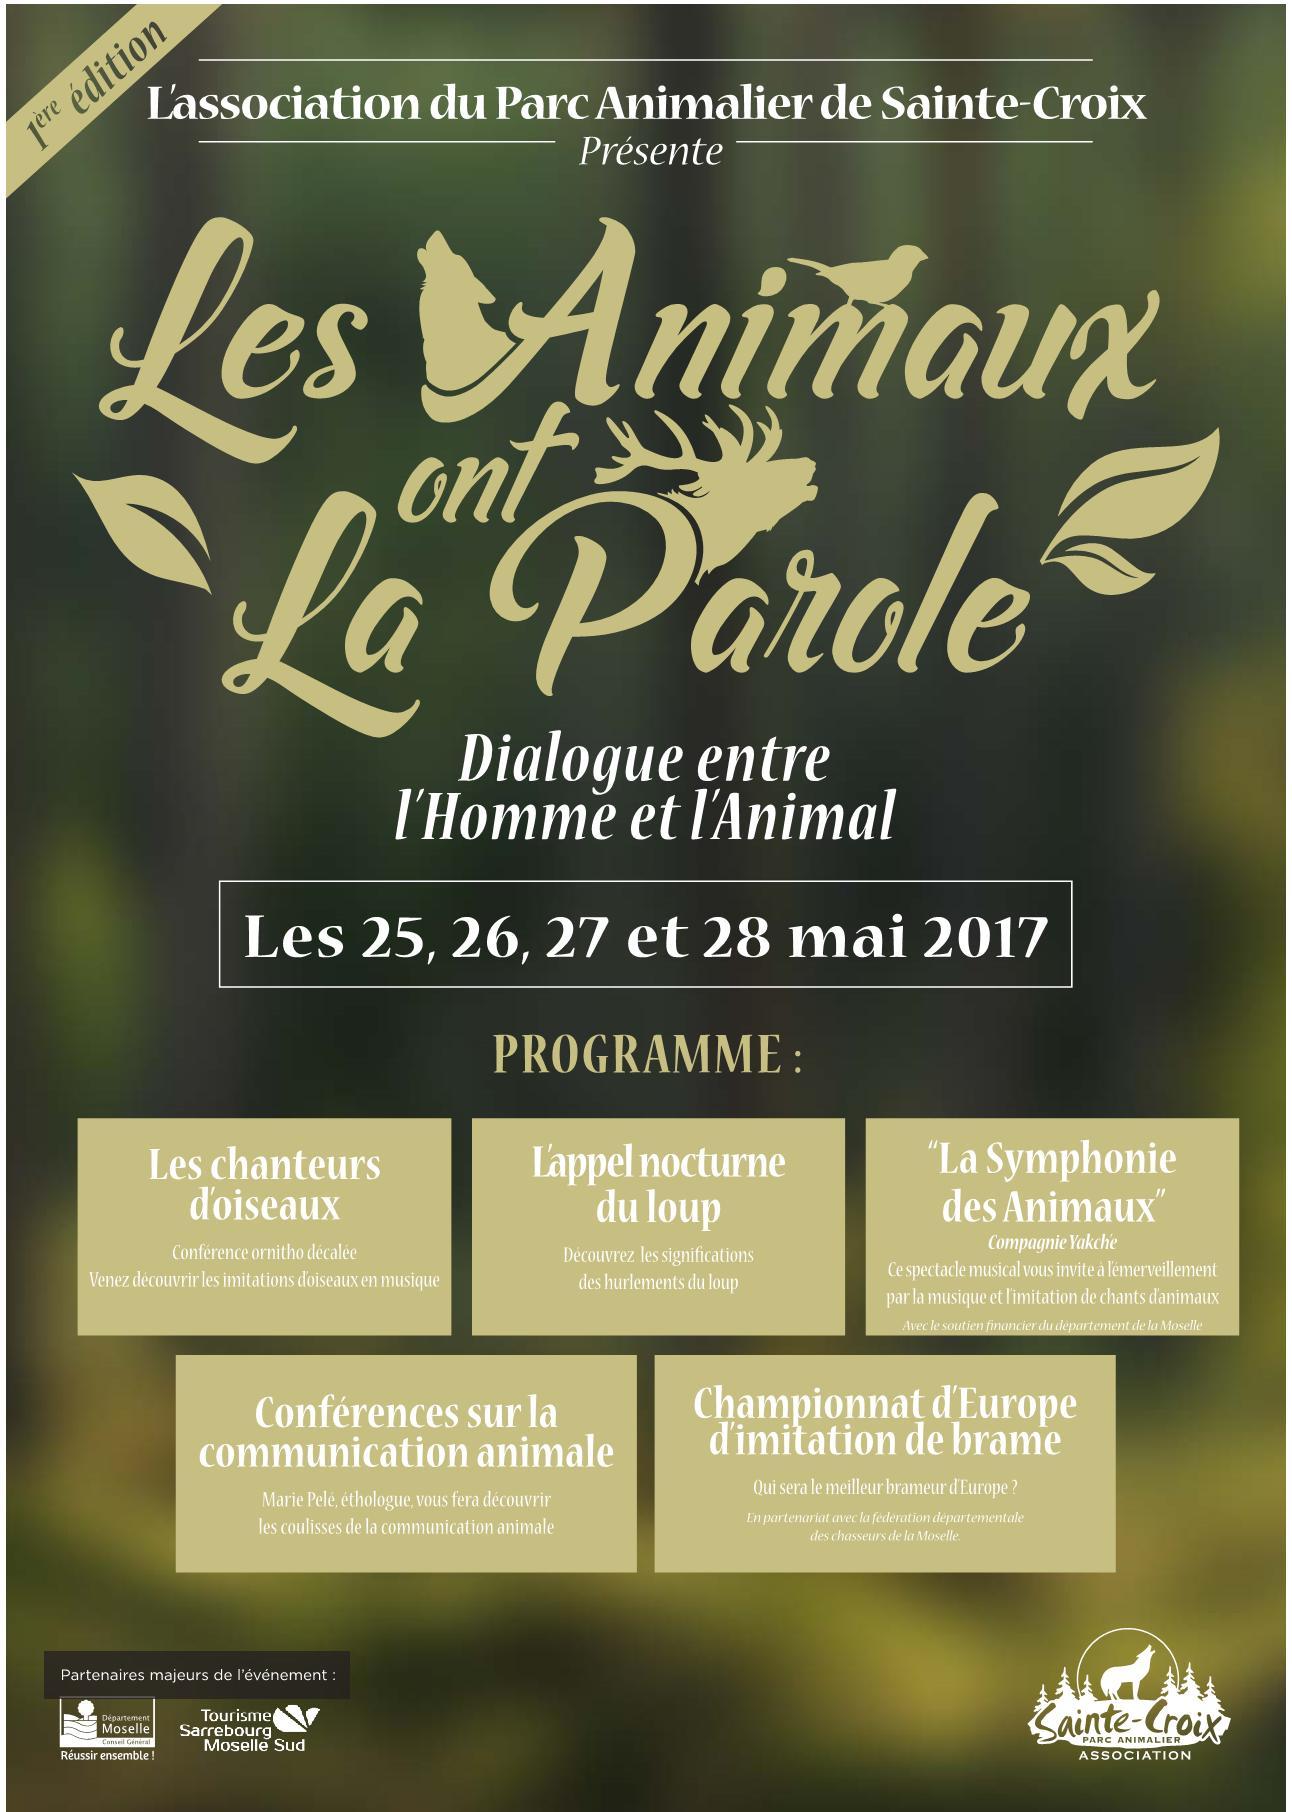 Programme Les Animaux Ont la Parole Parc Sainte-Croix